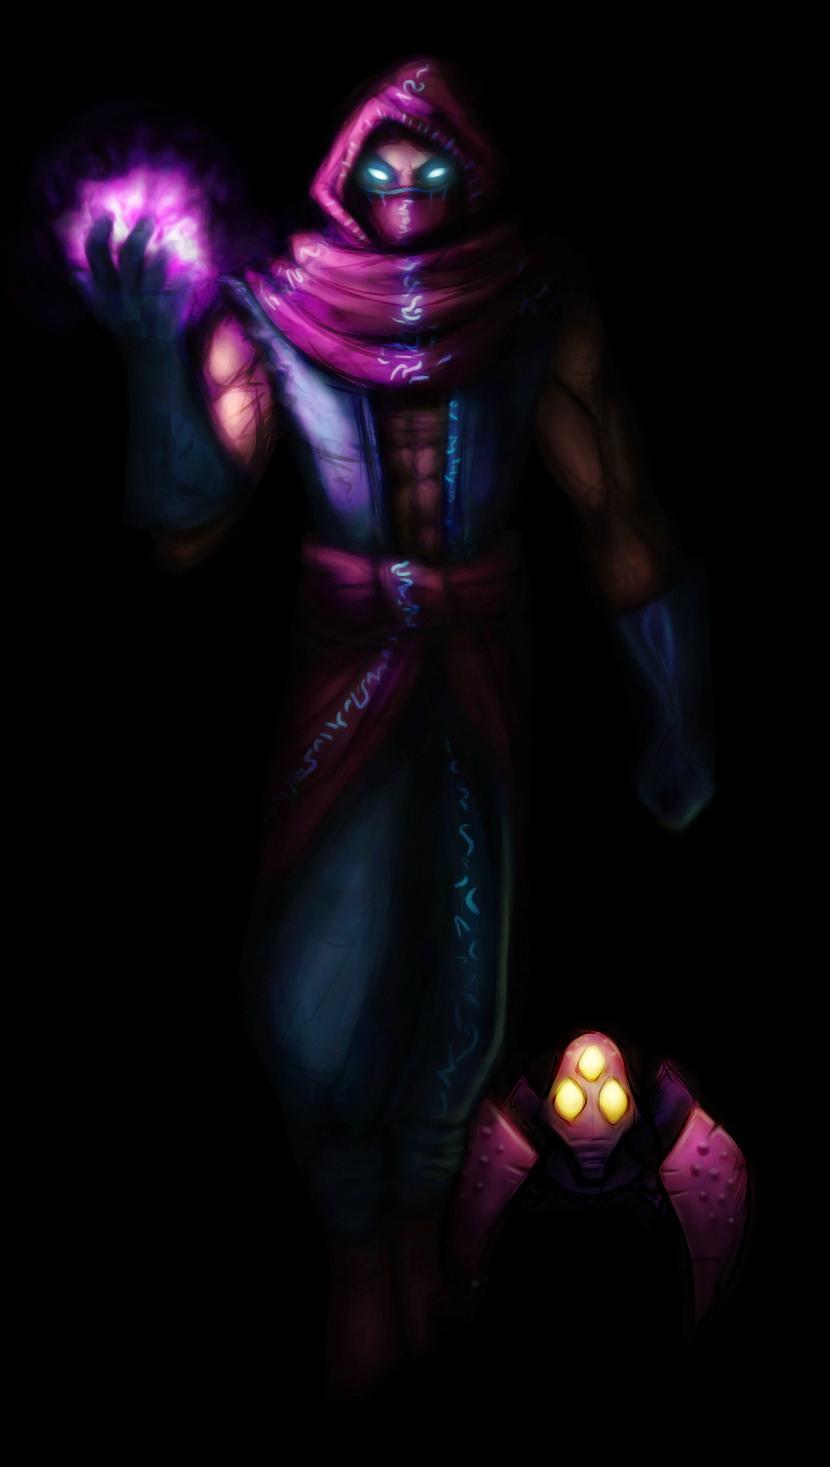 Malzahar - League of Legends by Kaadan